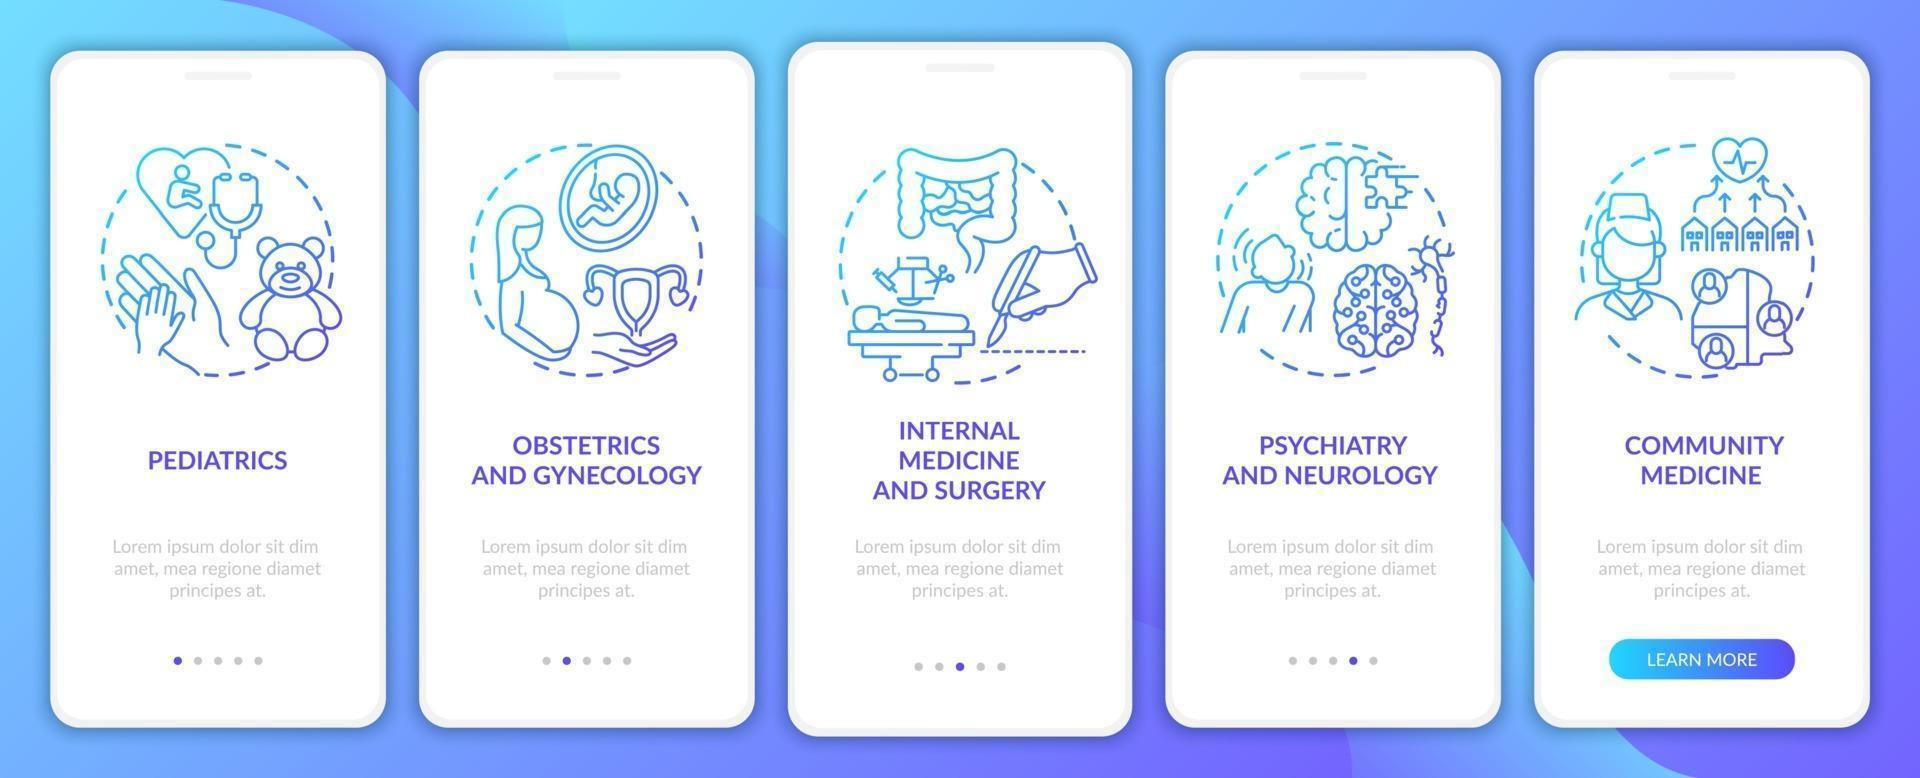 componenti della medicina di famiglia schermata della pagina dell'app mobile onboarding della marina con concetti vettore